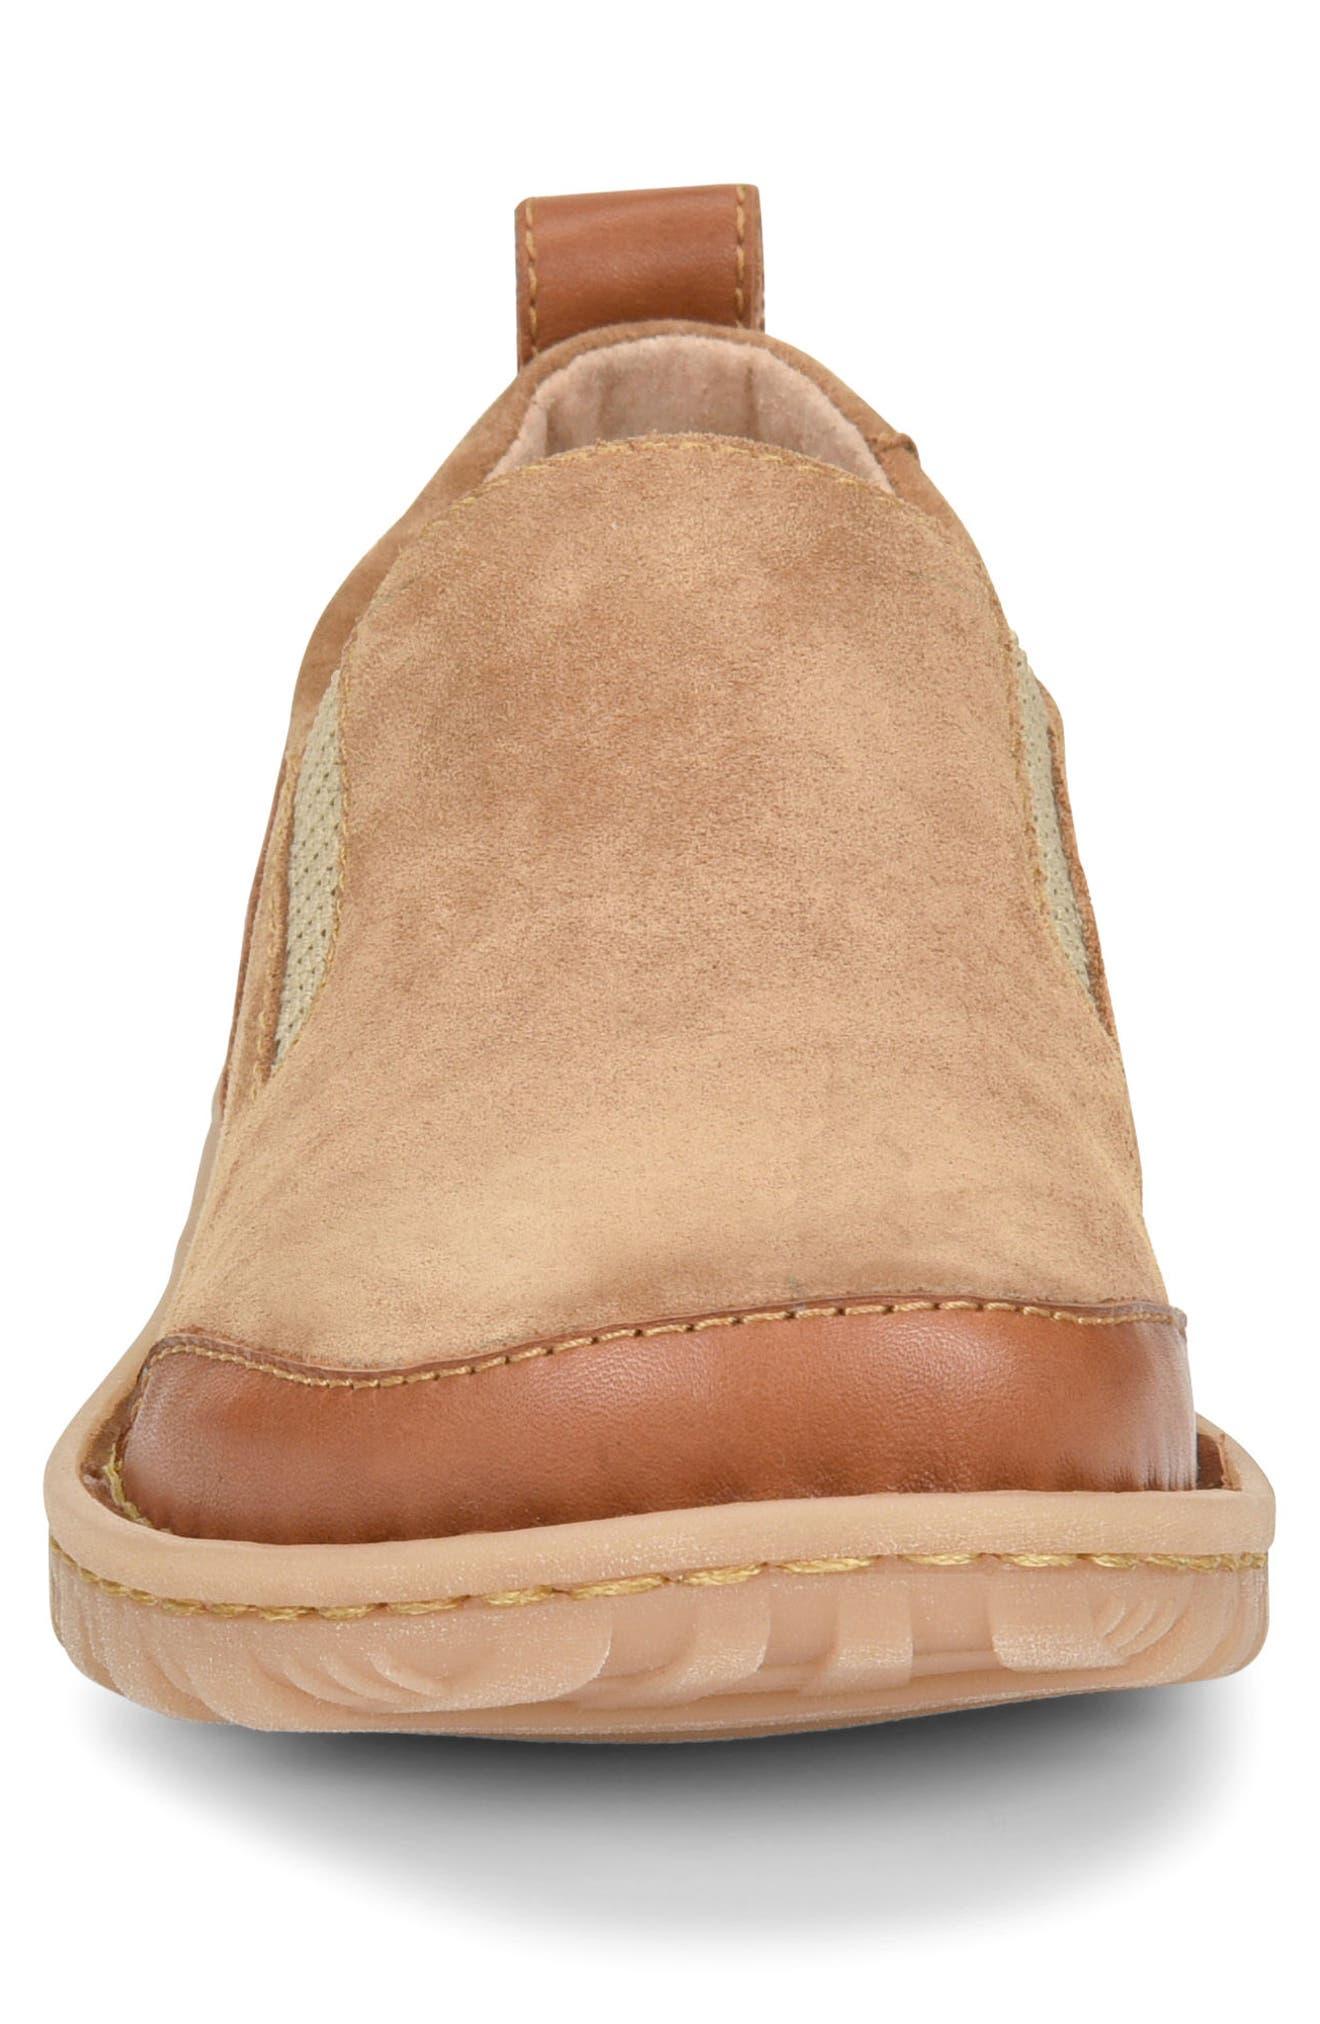 Pepper Slip-On,                             Alternate thumbnail 4, color,                             Light Brown Leather